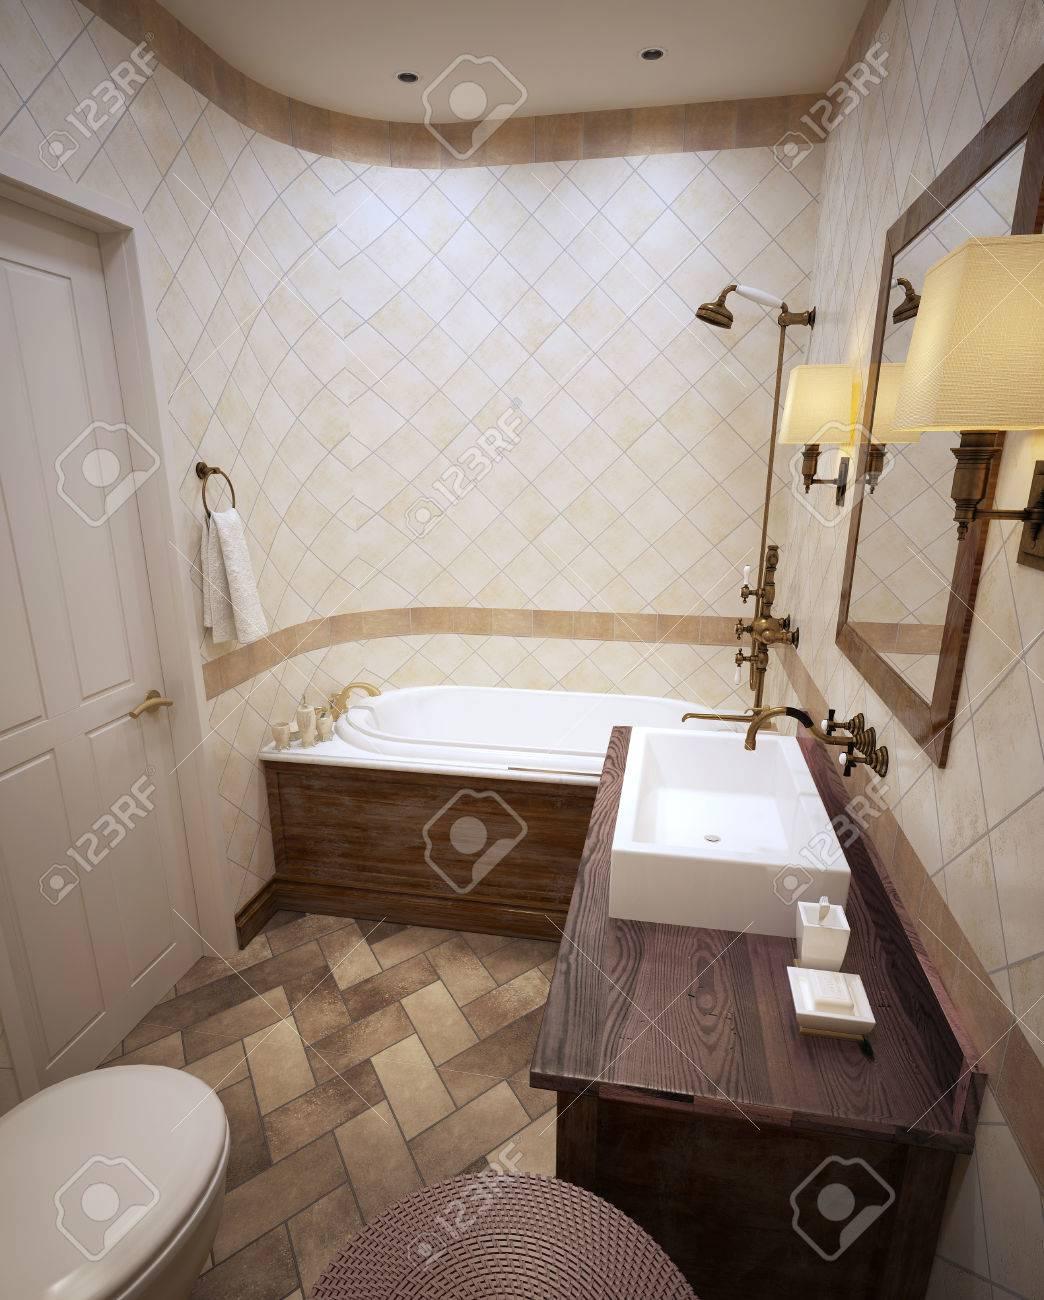 Klassische Badezimmer In Beigetönen Mit Holzmöbeln Braun. 3d ...